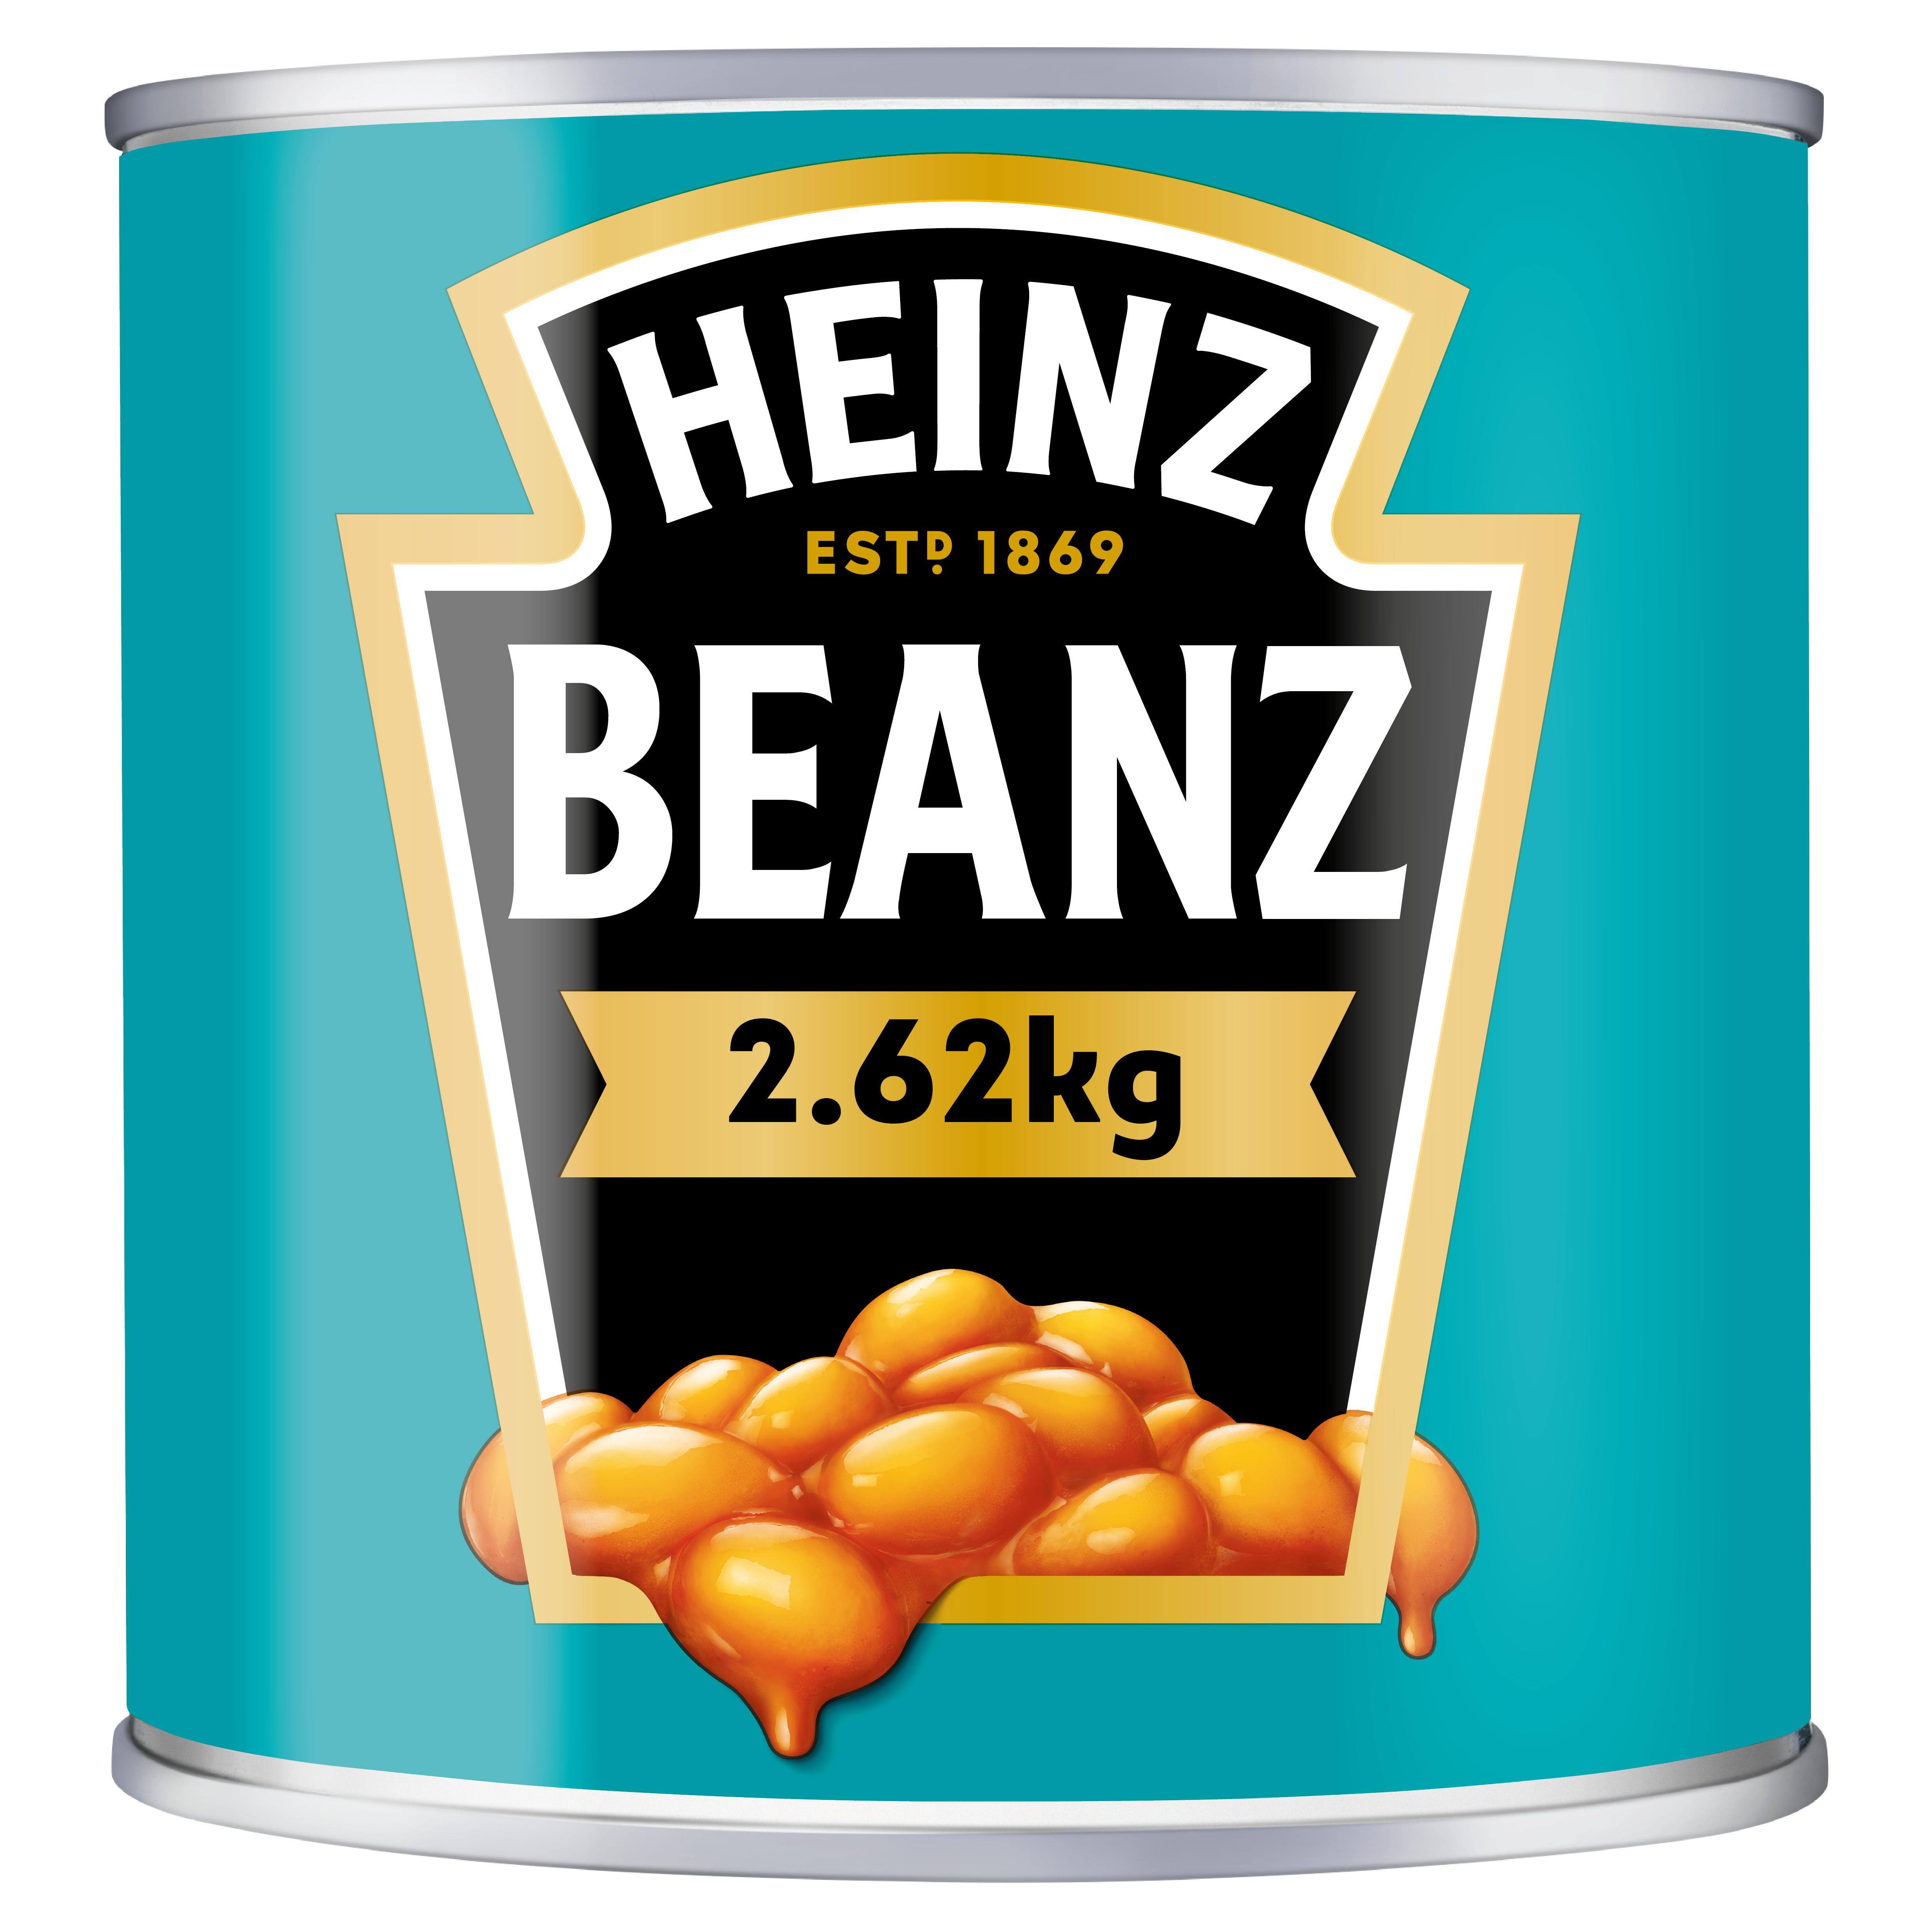 Heinz Baked Beanz 2.62kg image